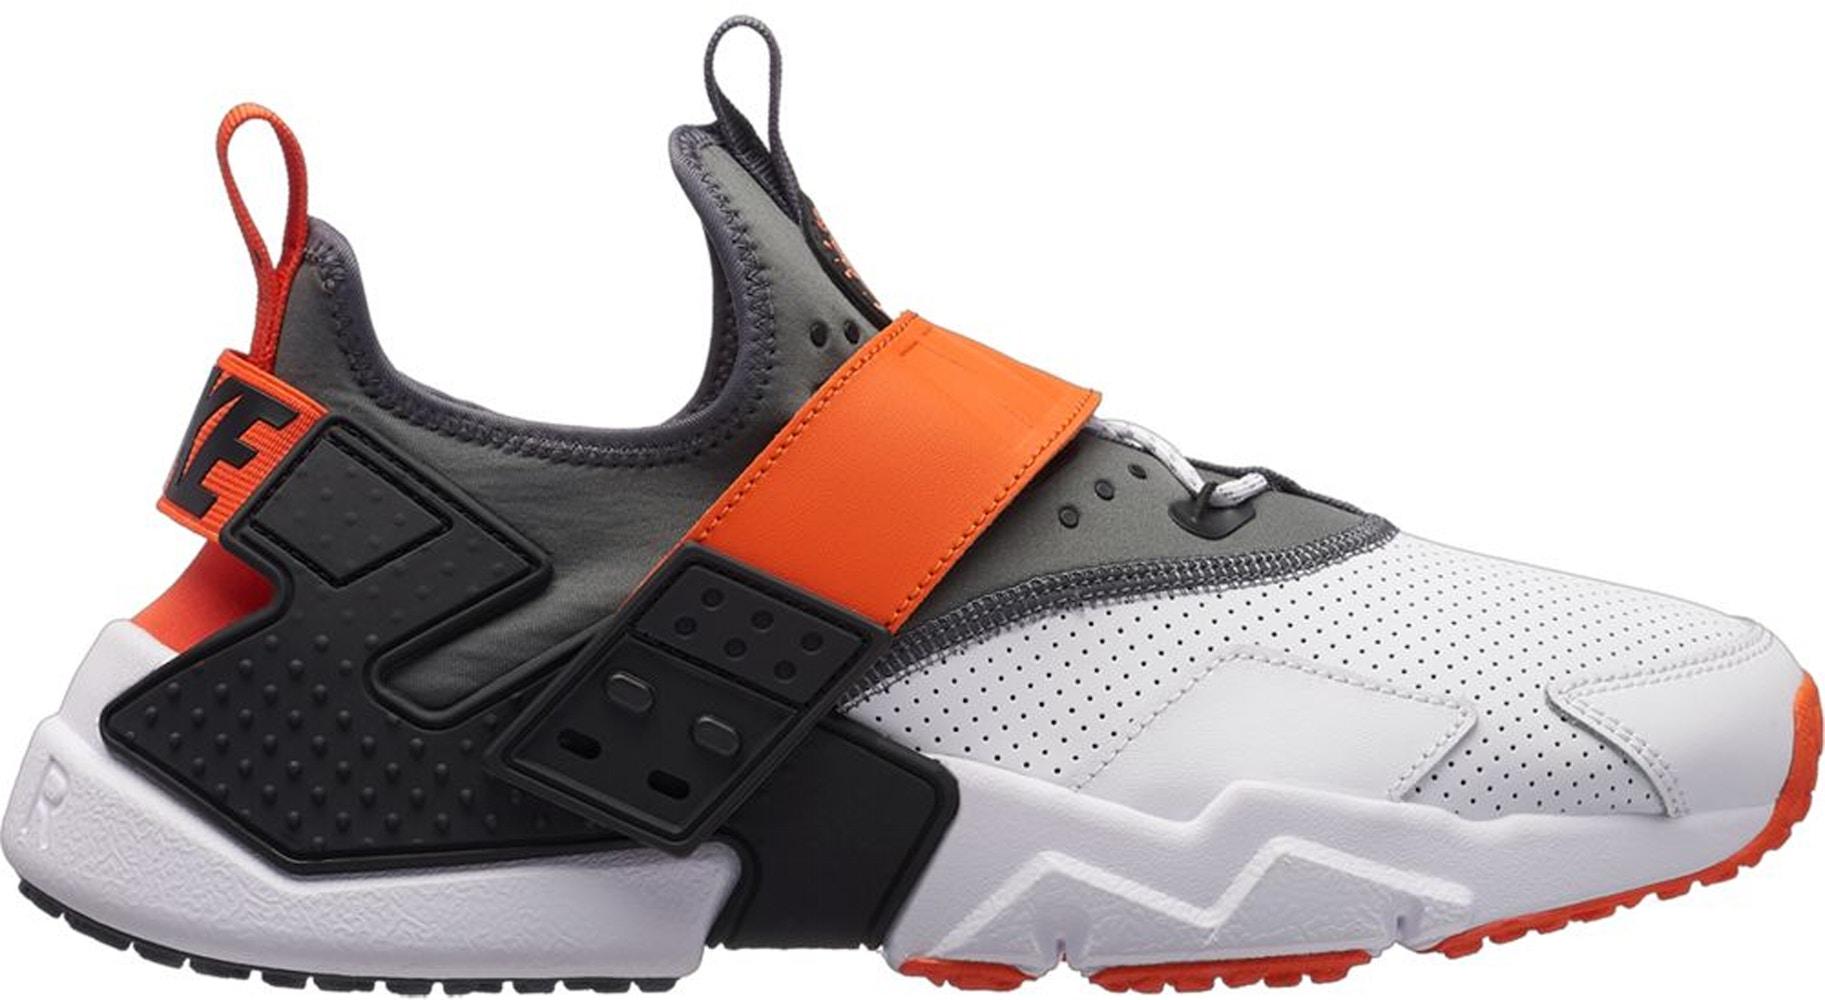 Nike Air Huarache Drift White Dark Grey Rush Orange - AH7335-102